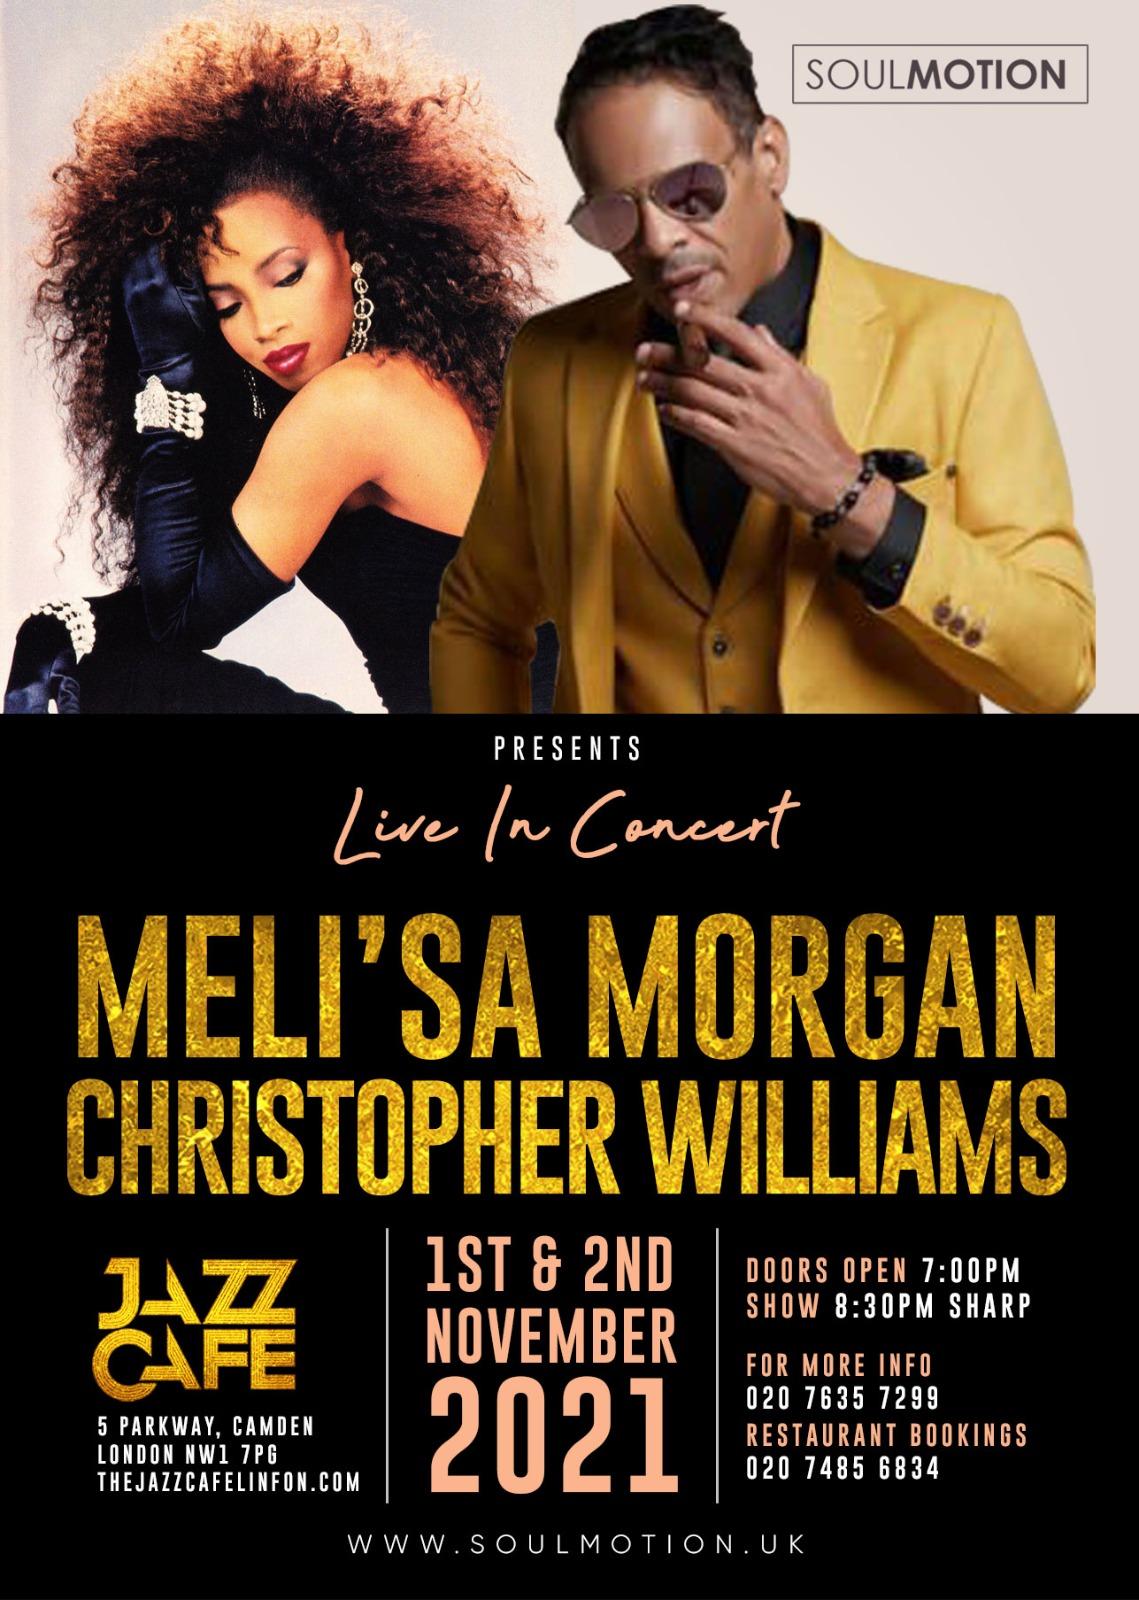 Meli'sa Morgan & Christopher Williams